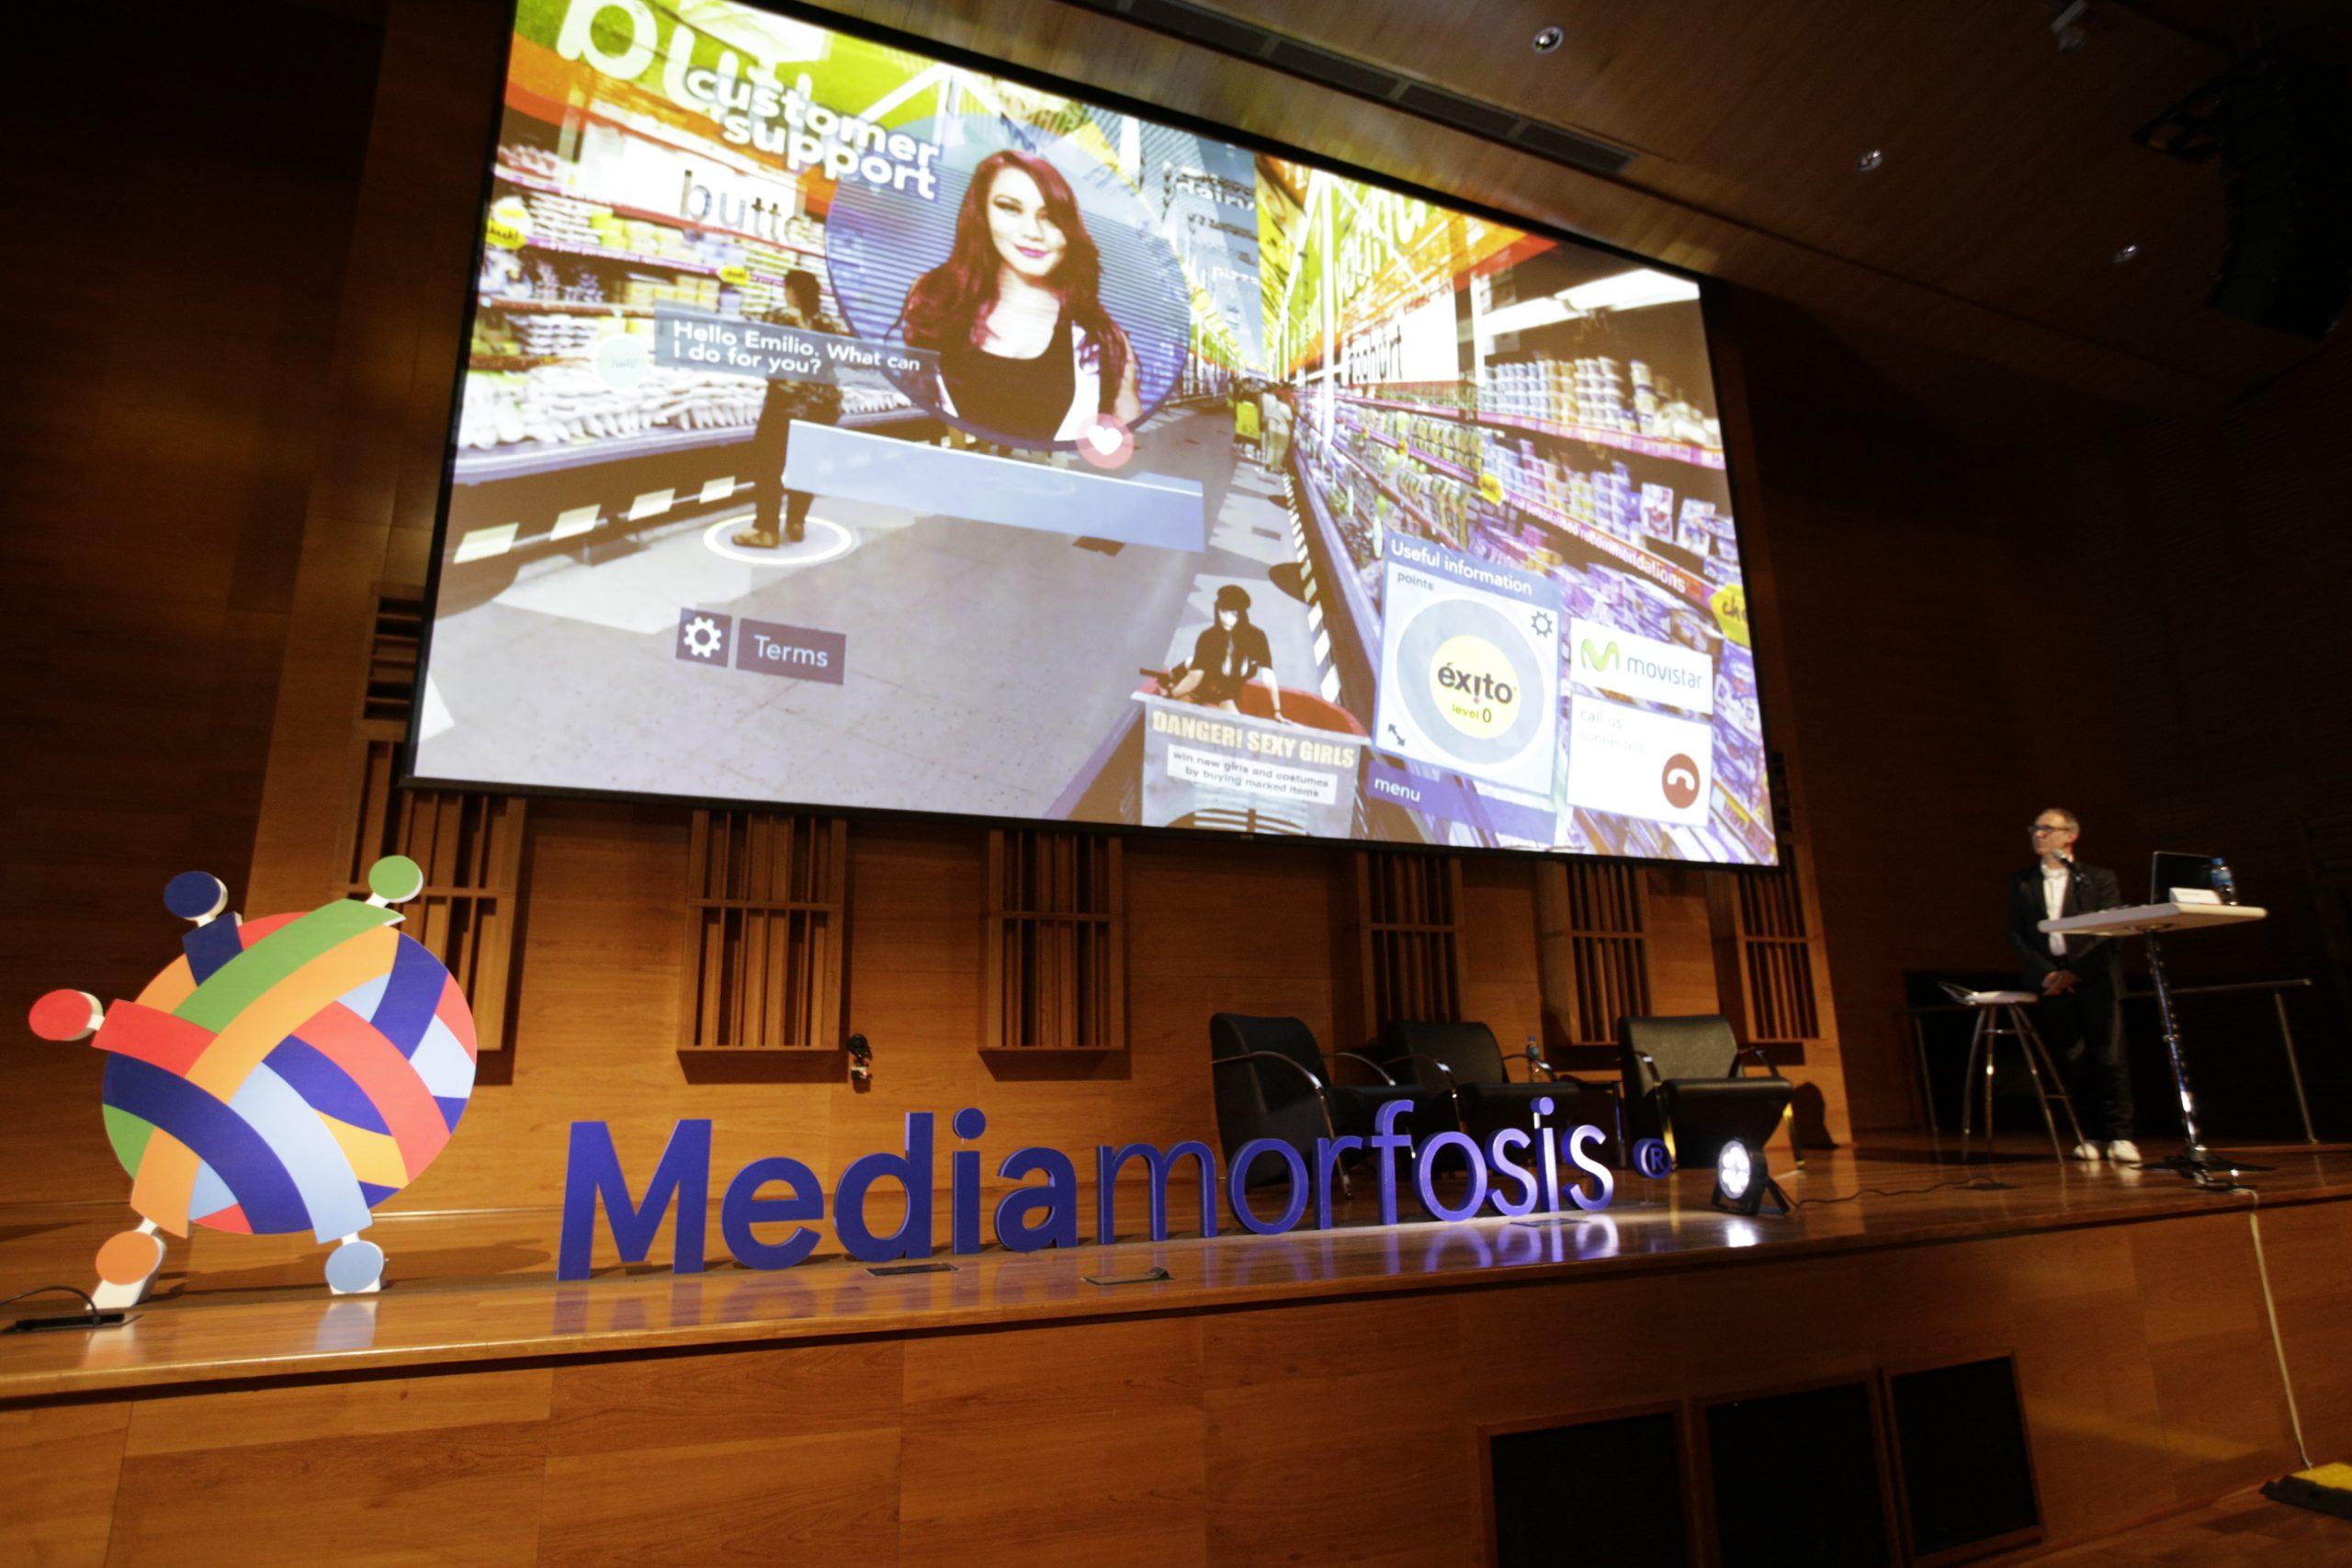 Nueva edición de Mediamorfosis: reflexiones sobre el futuro de los medios con creadores de Latinoamérica y el Mundo